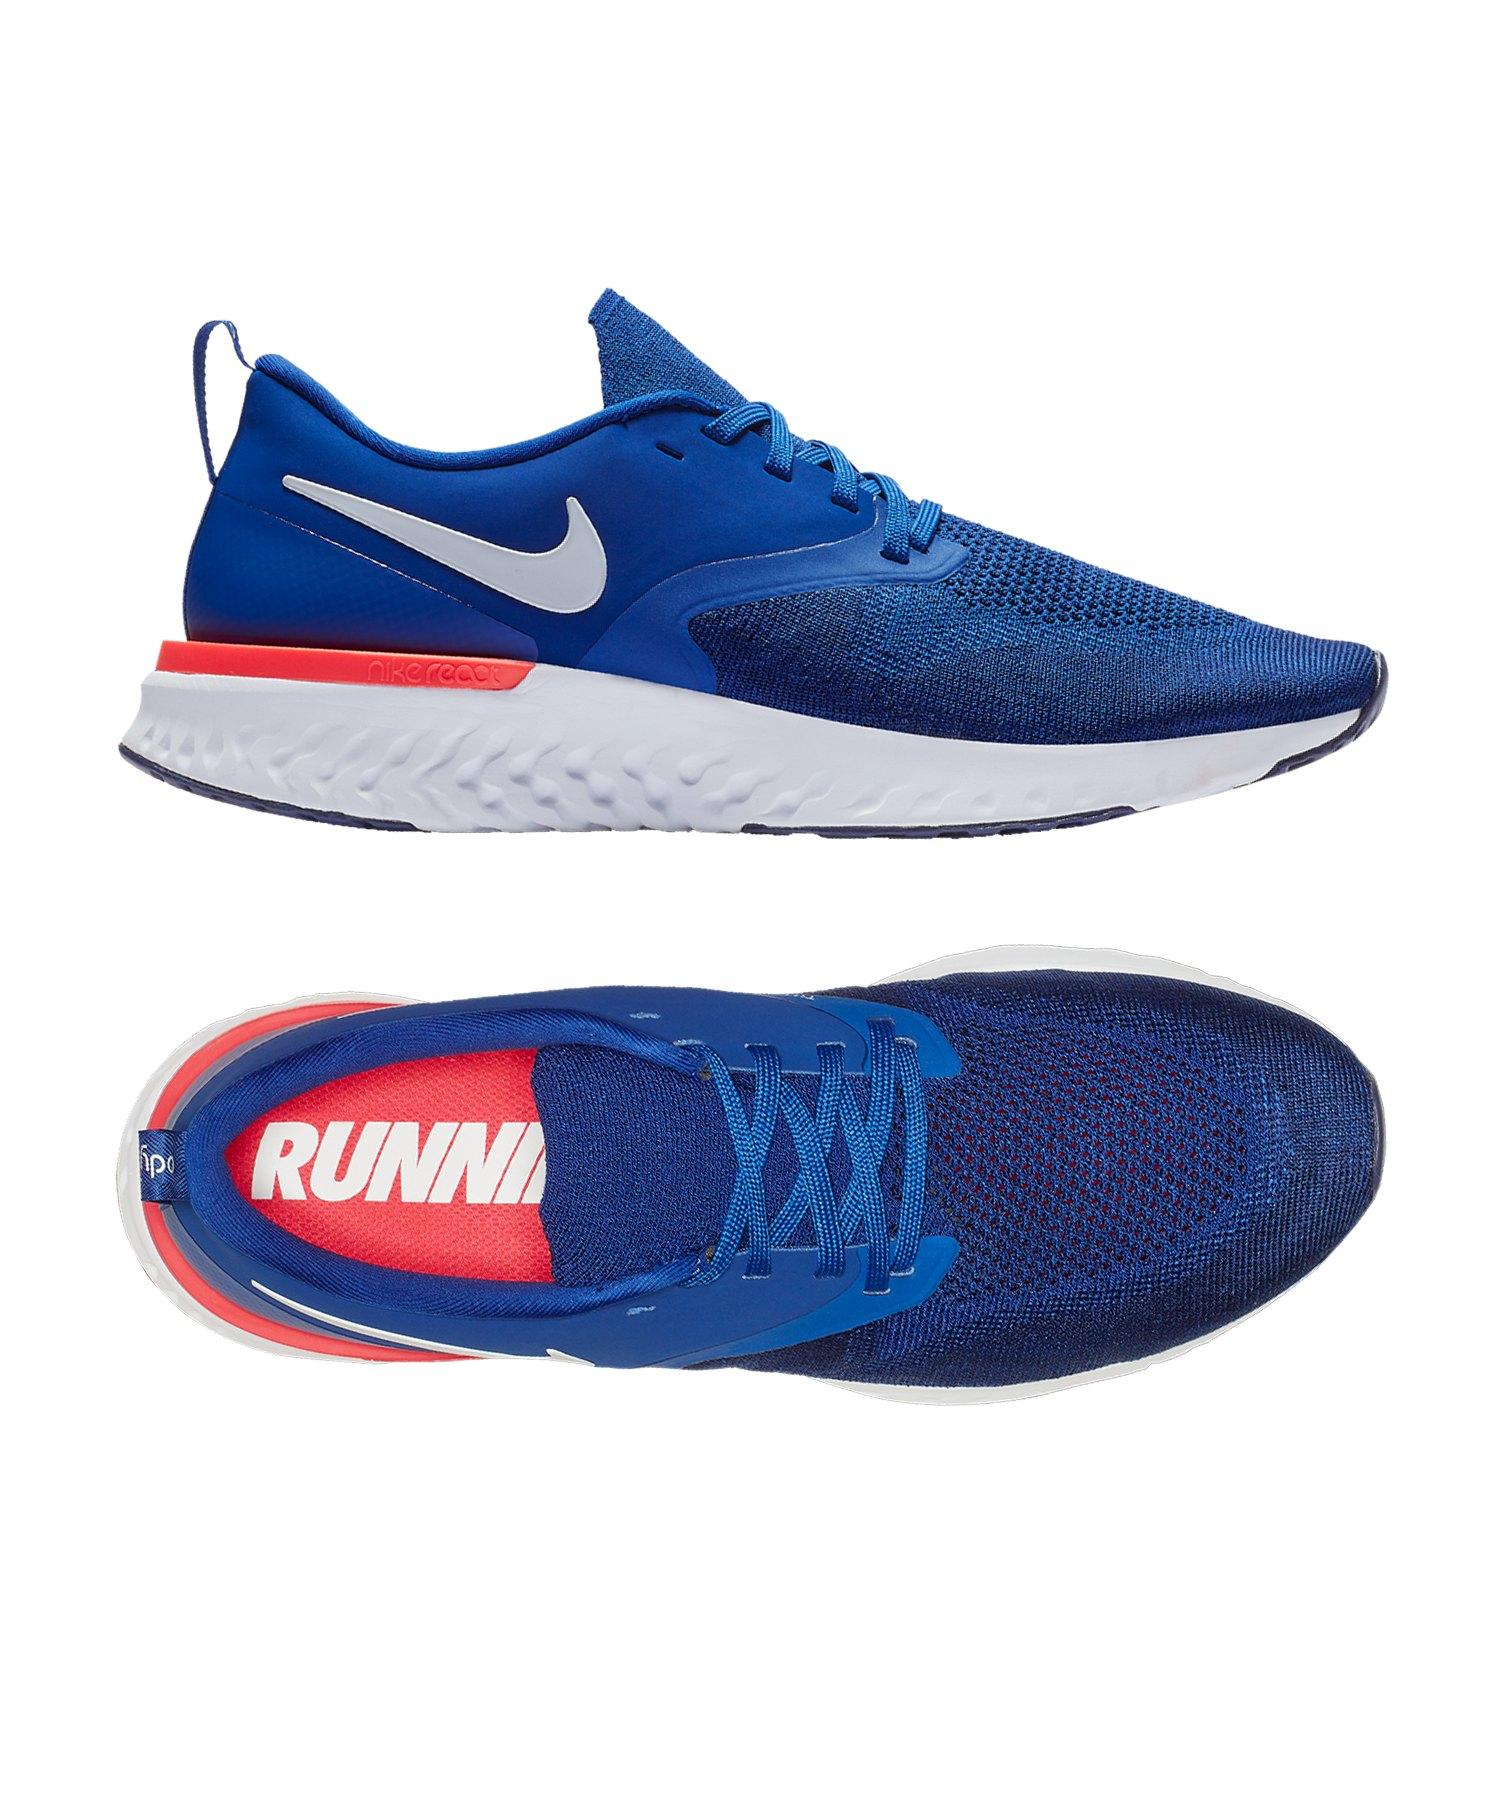 Nike Odyssey React Flyknit 2 Running Blau F400 - blau